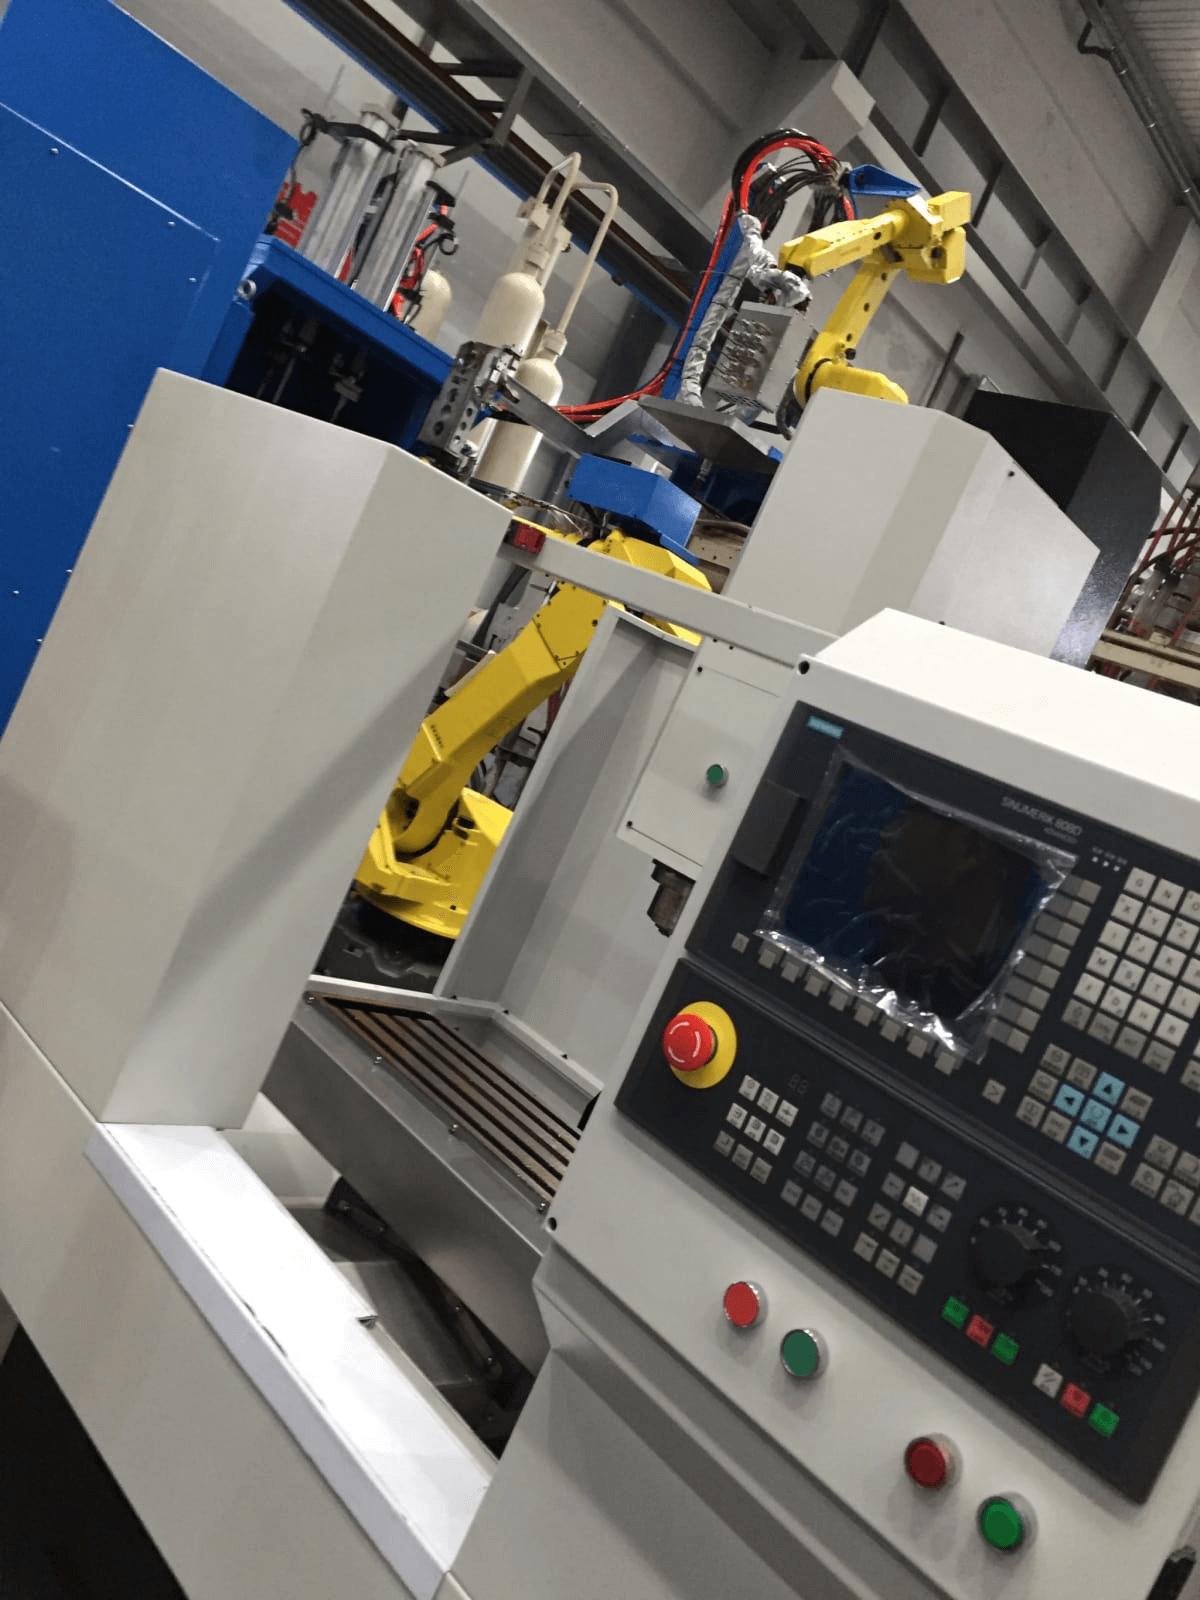 Mini CNC Mills